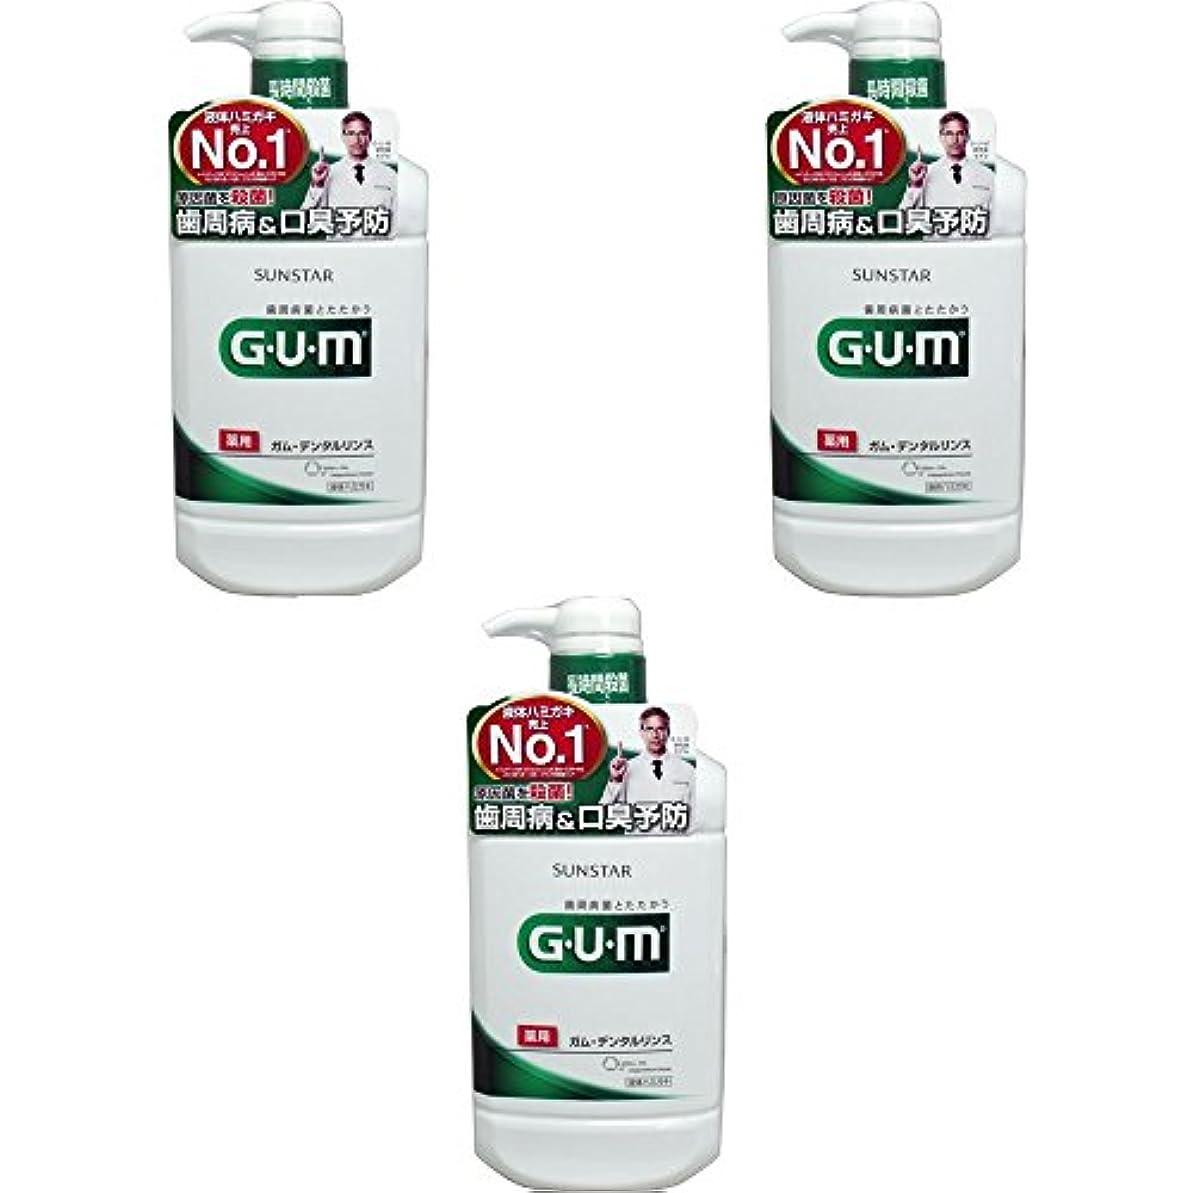 大惨事ストレスの多いビン【セット品】GUM(ガム)?デンタルリンス (レギュラータイプ) 960mL (医薬部外品) 3個